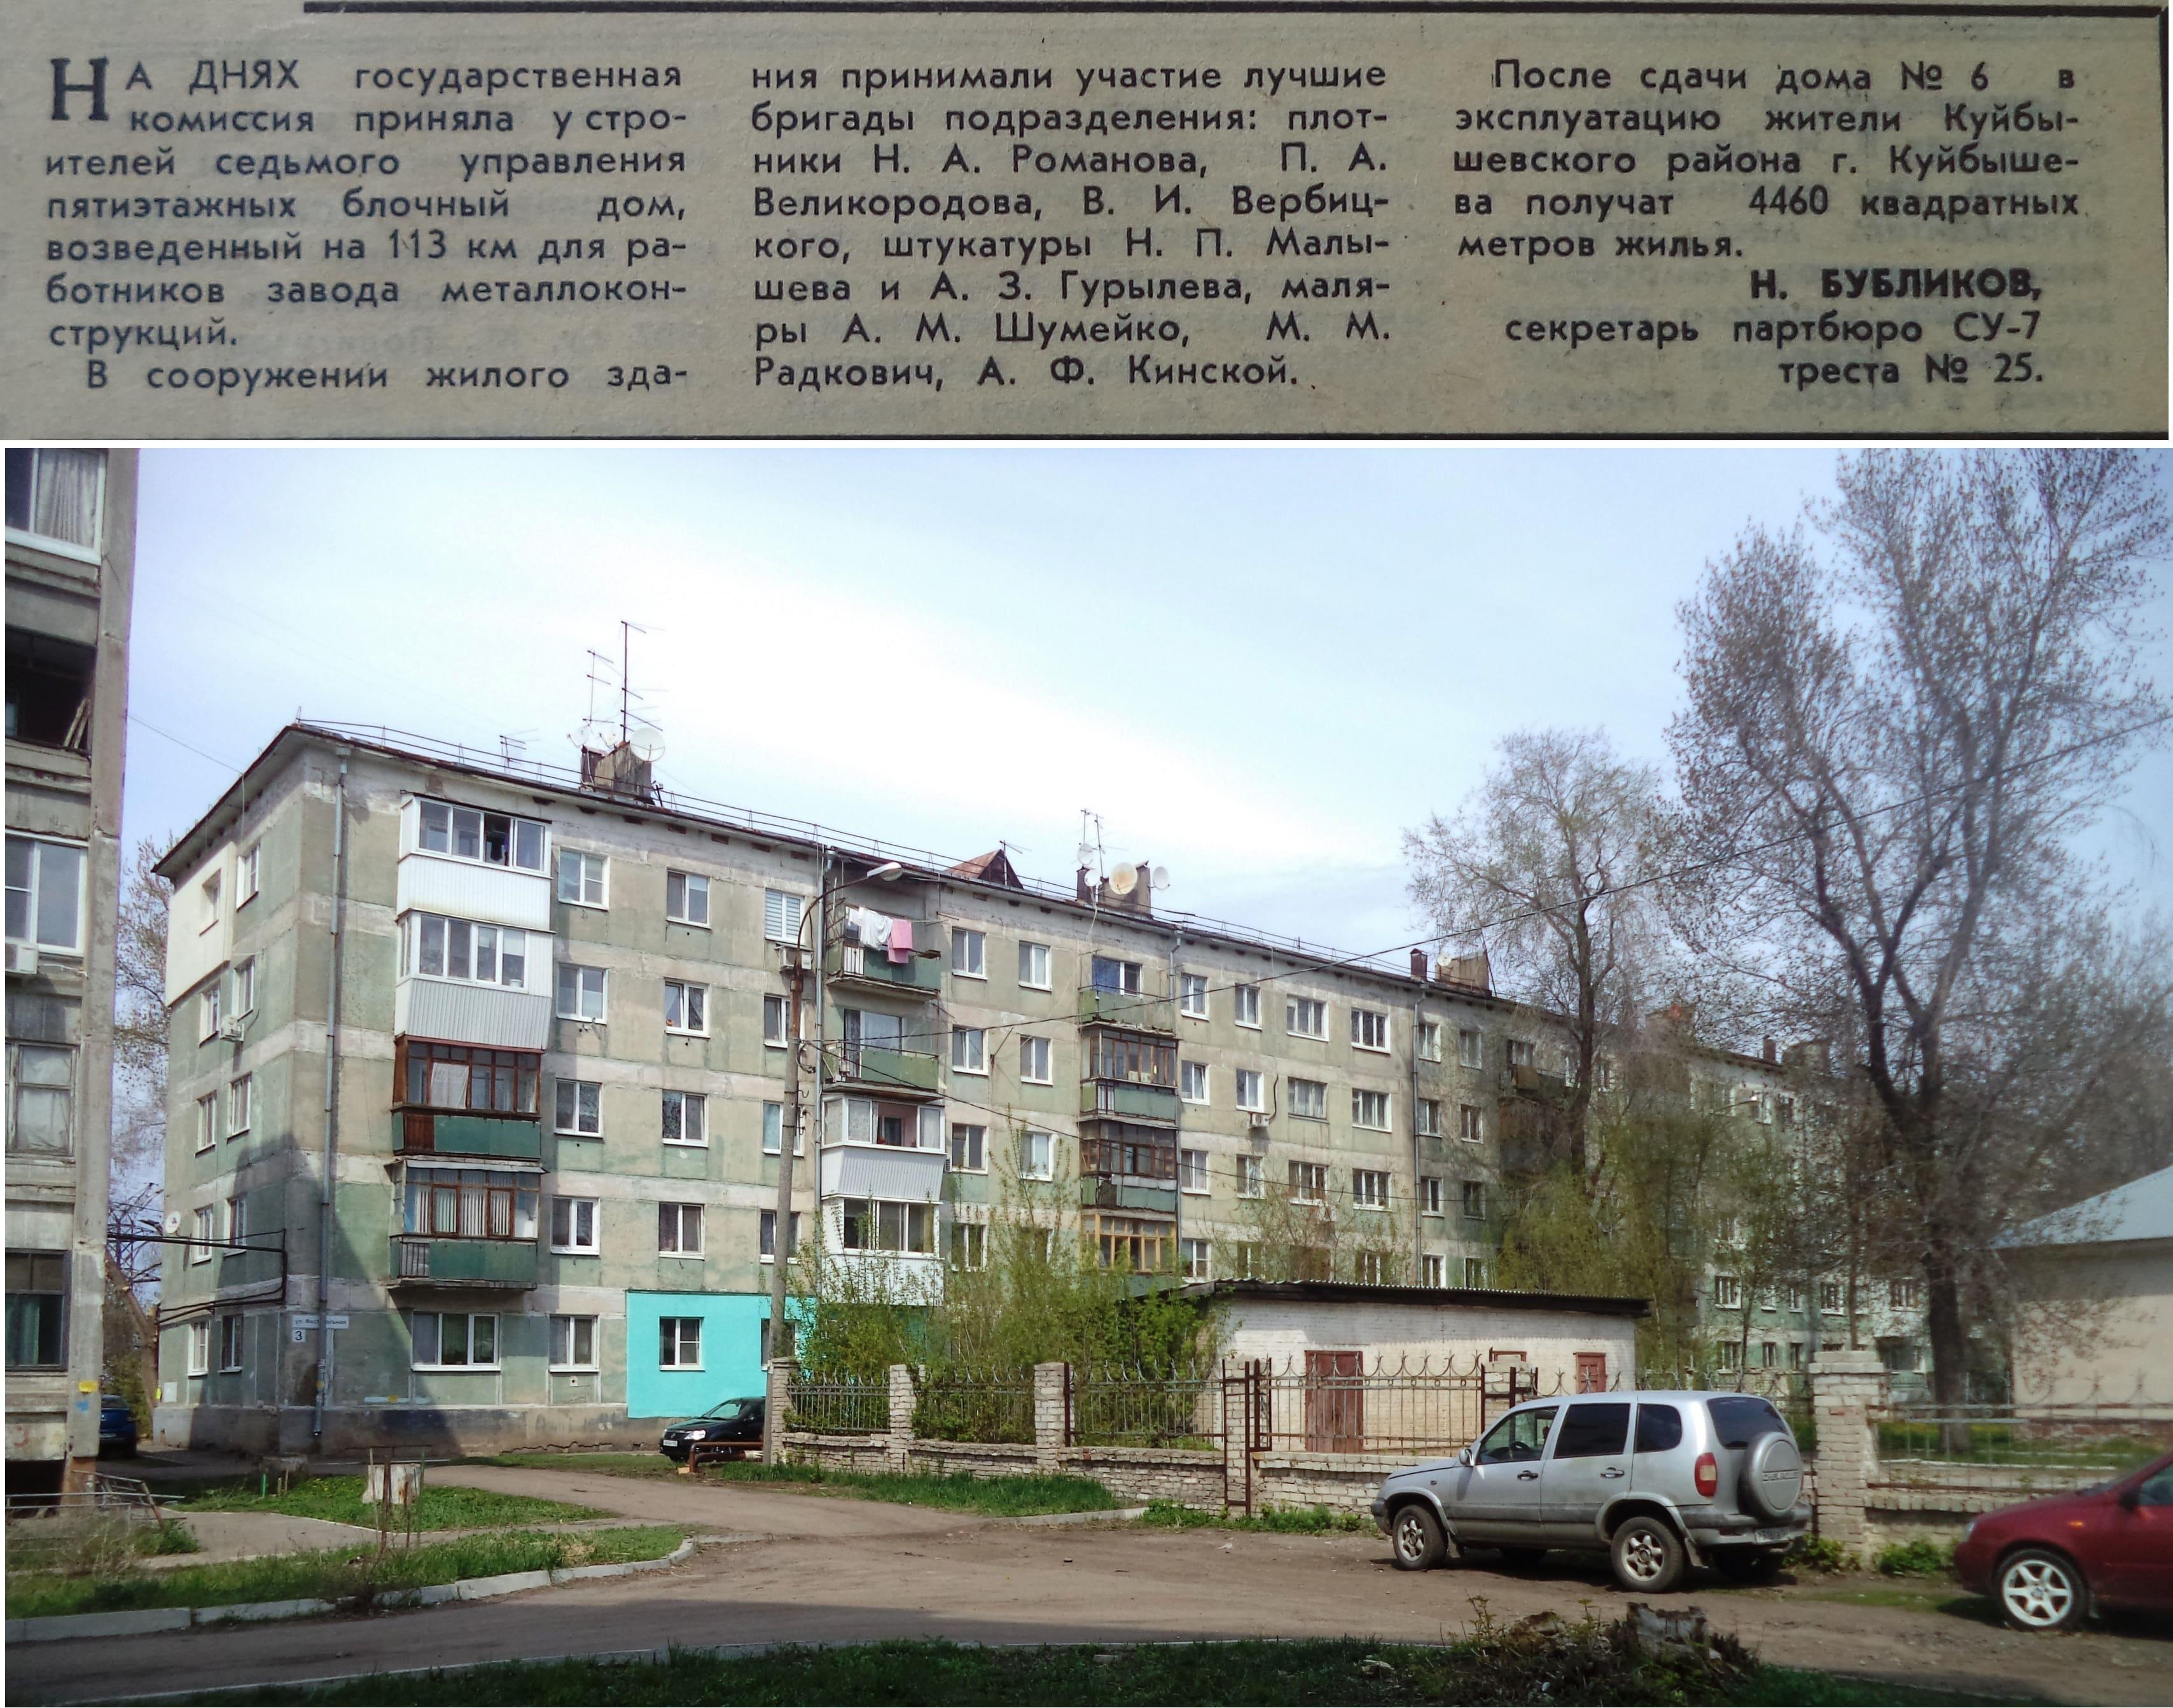 Фестивальная-ФОТО-17-За Передовую Стройку-1975-16 апреля-min